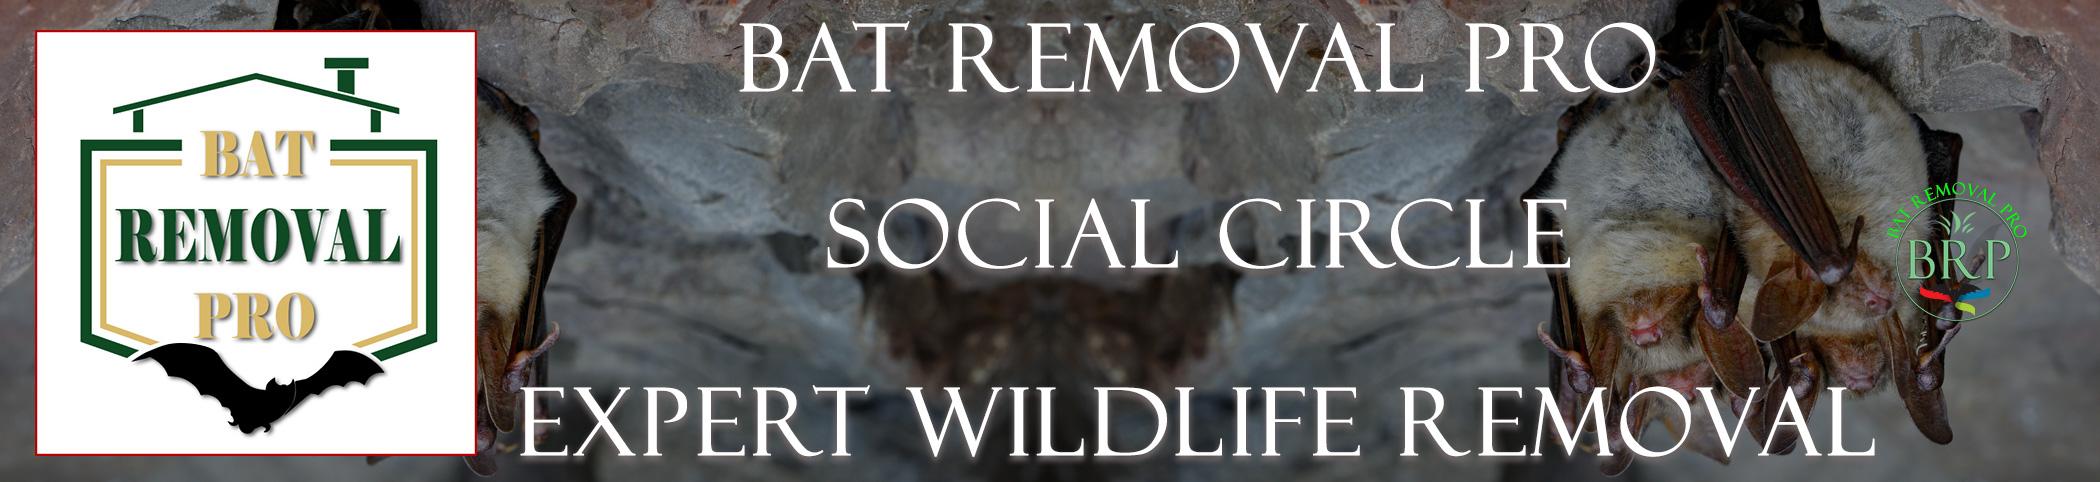 SOCIAL-CIRCLE-georgia-bat-removal-at-bat-removal-pro